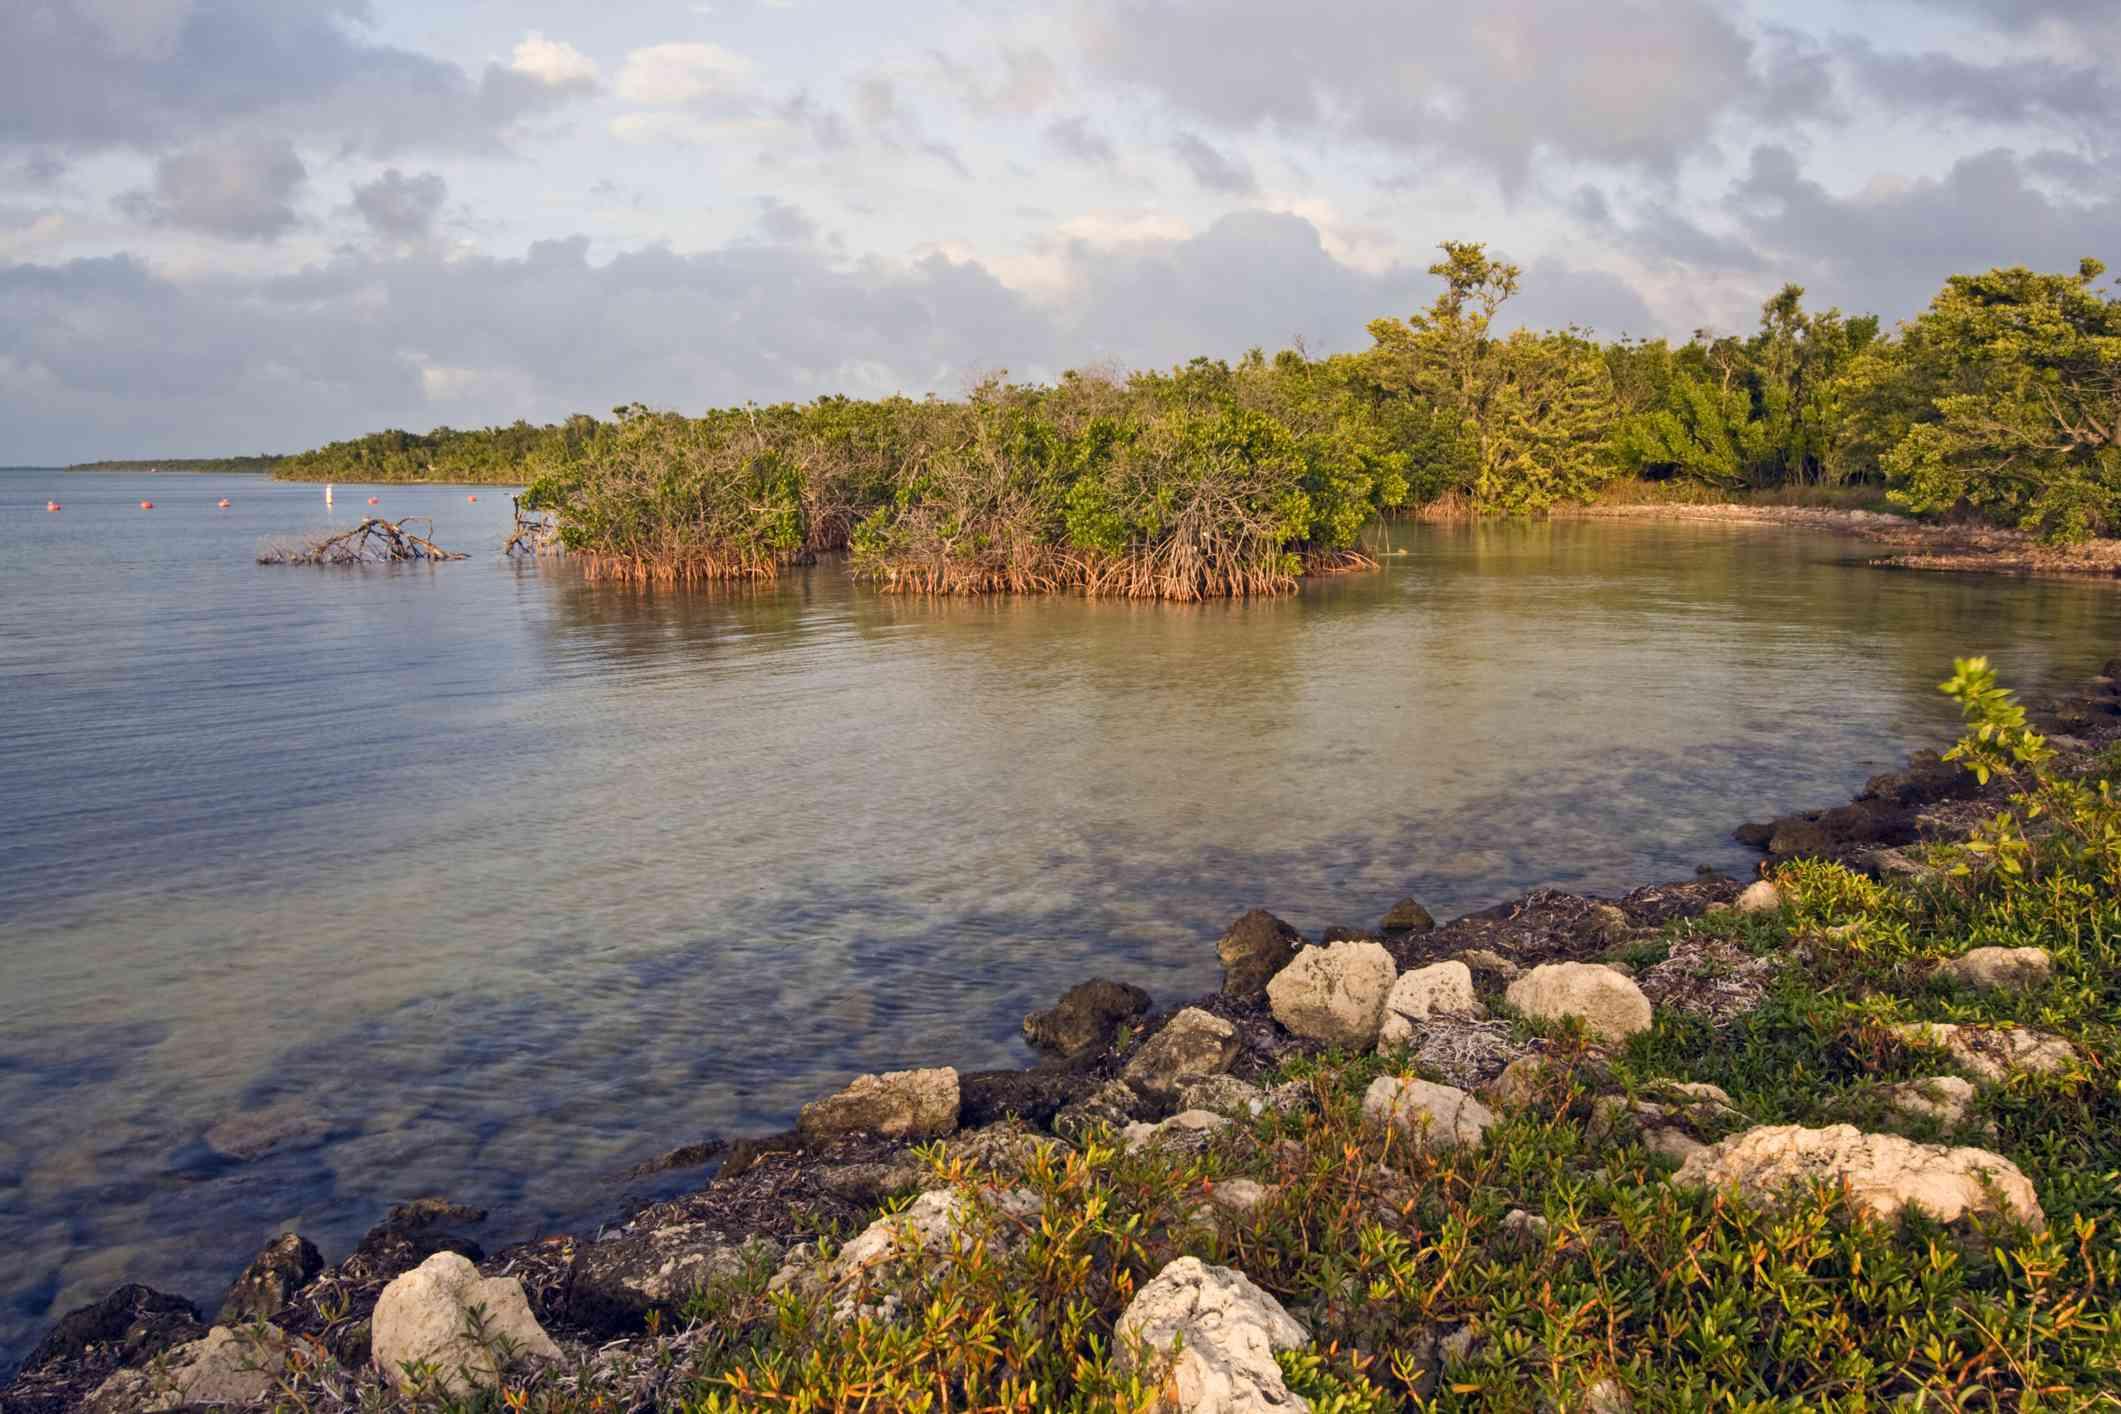 Mangroves in Biscayne National Park